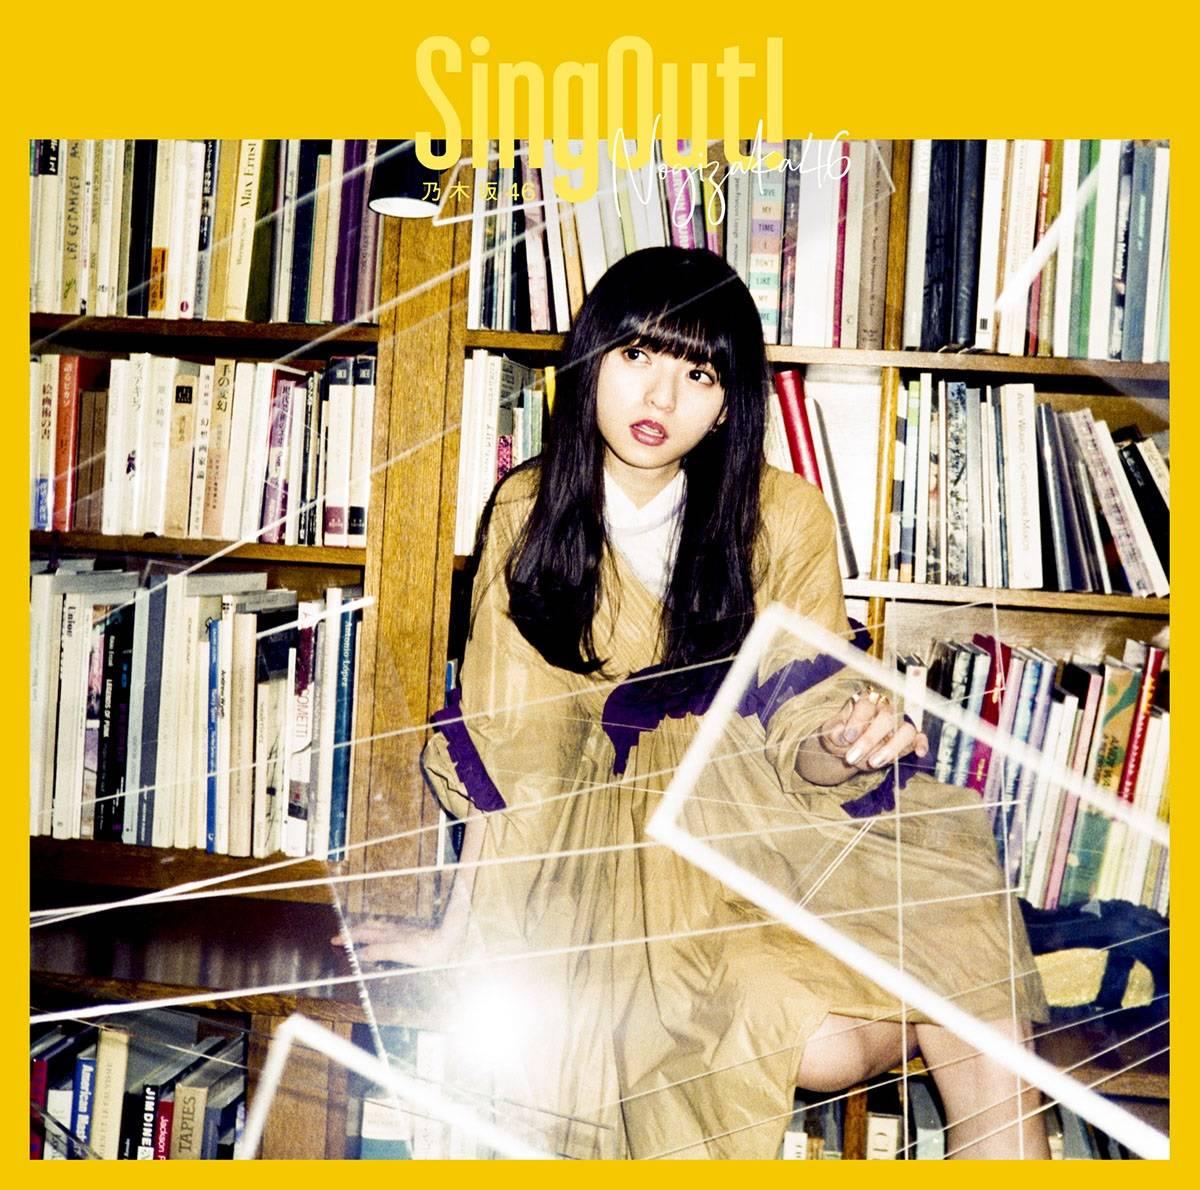 乃木坂46の23rdシングル「Sing Out!」多種多様なジャケット写真が解禁